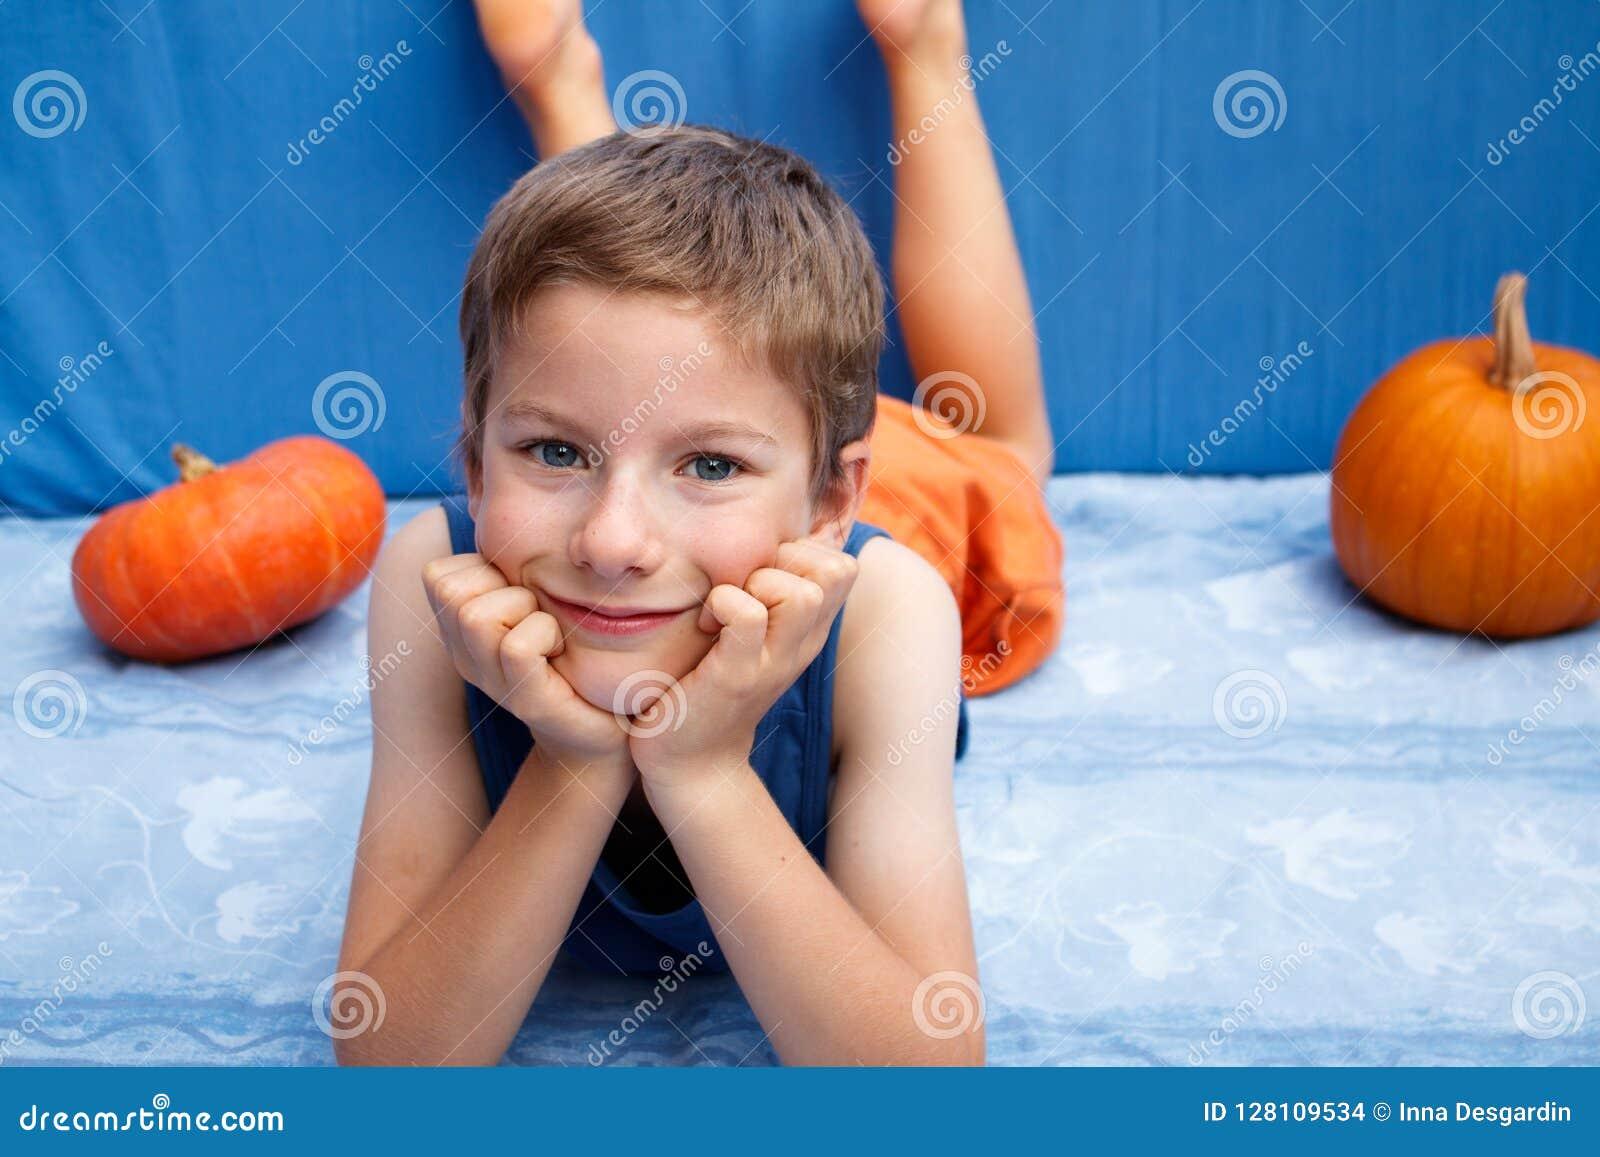 Ευτυχές νέο αγόρι που ξαπλώνει στο μπλε υπόβαθρο με τις κολοκύθες